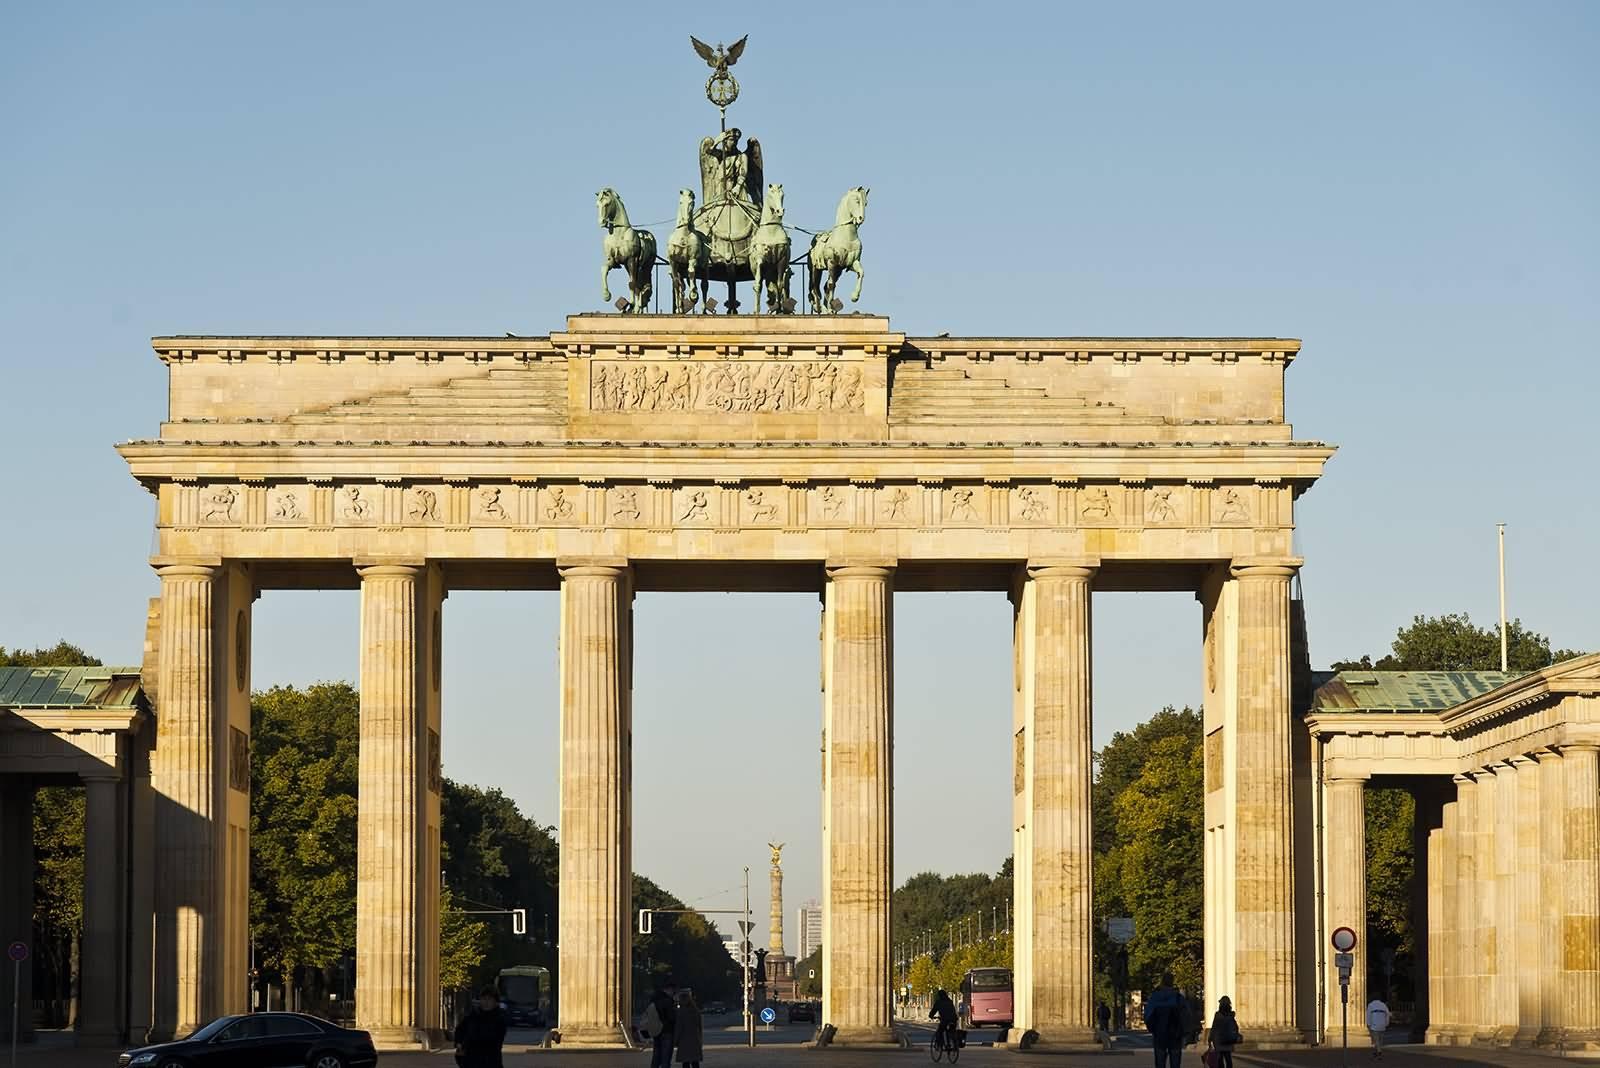 Топ 30 достопримечательностей берлина — куда сходить и что посмотреть